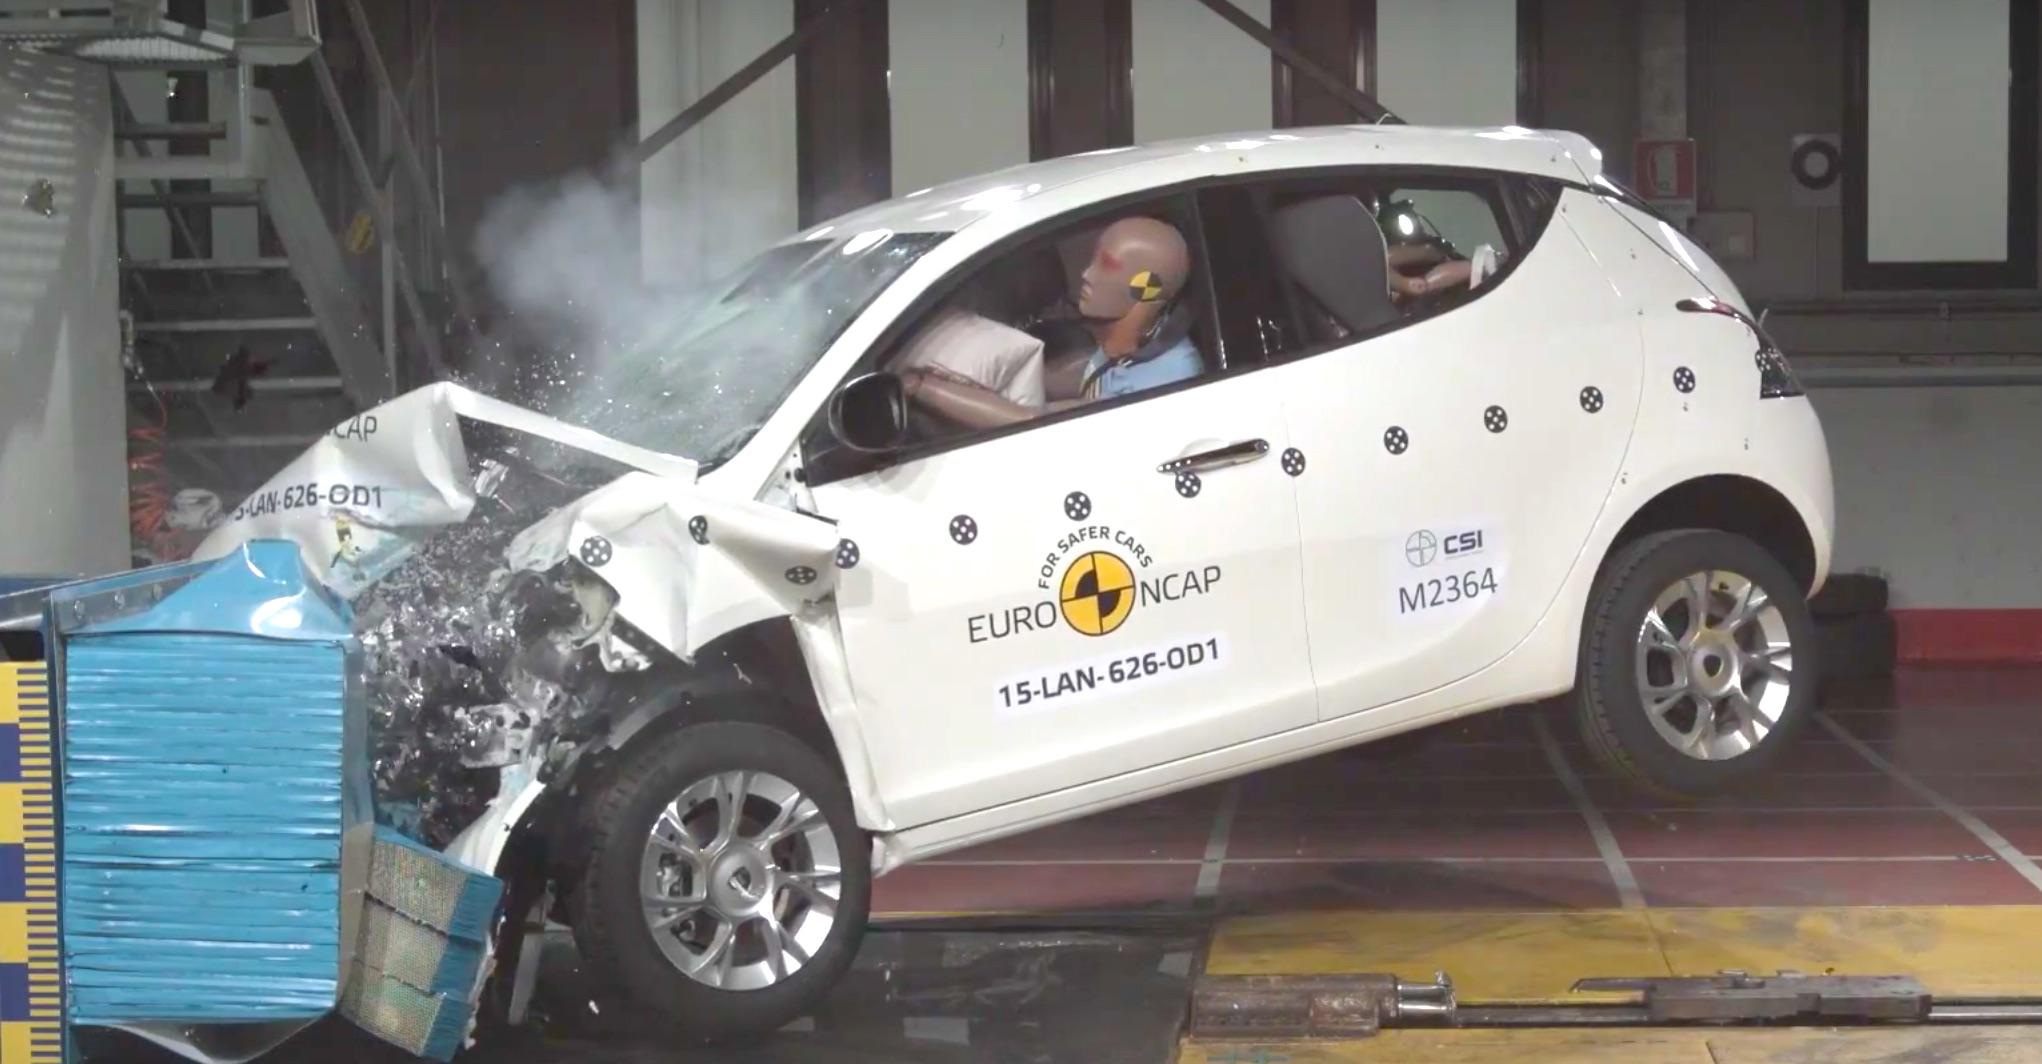 Últimos resultados Euro NCAP: ¿Cuáles han sido los coches más inseguros? 2